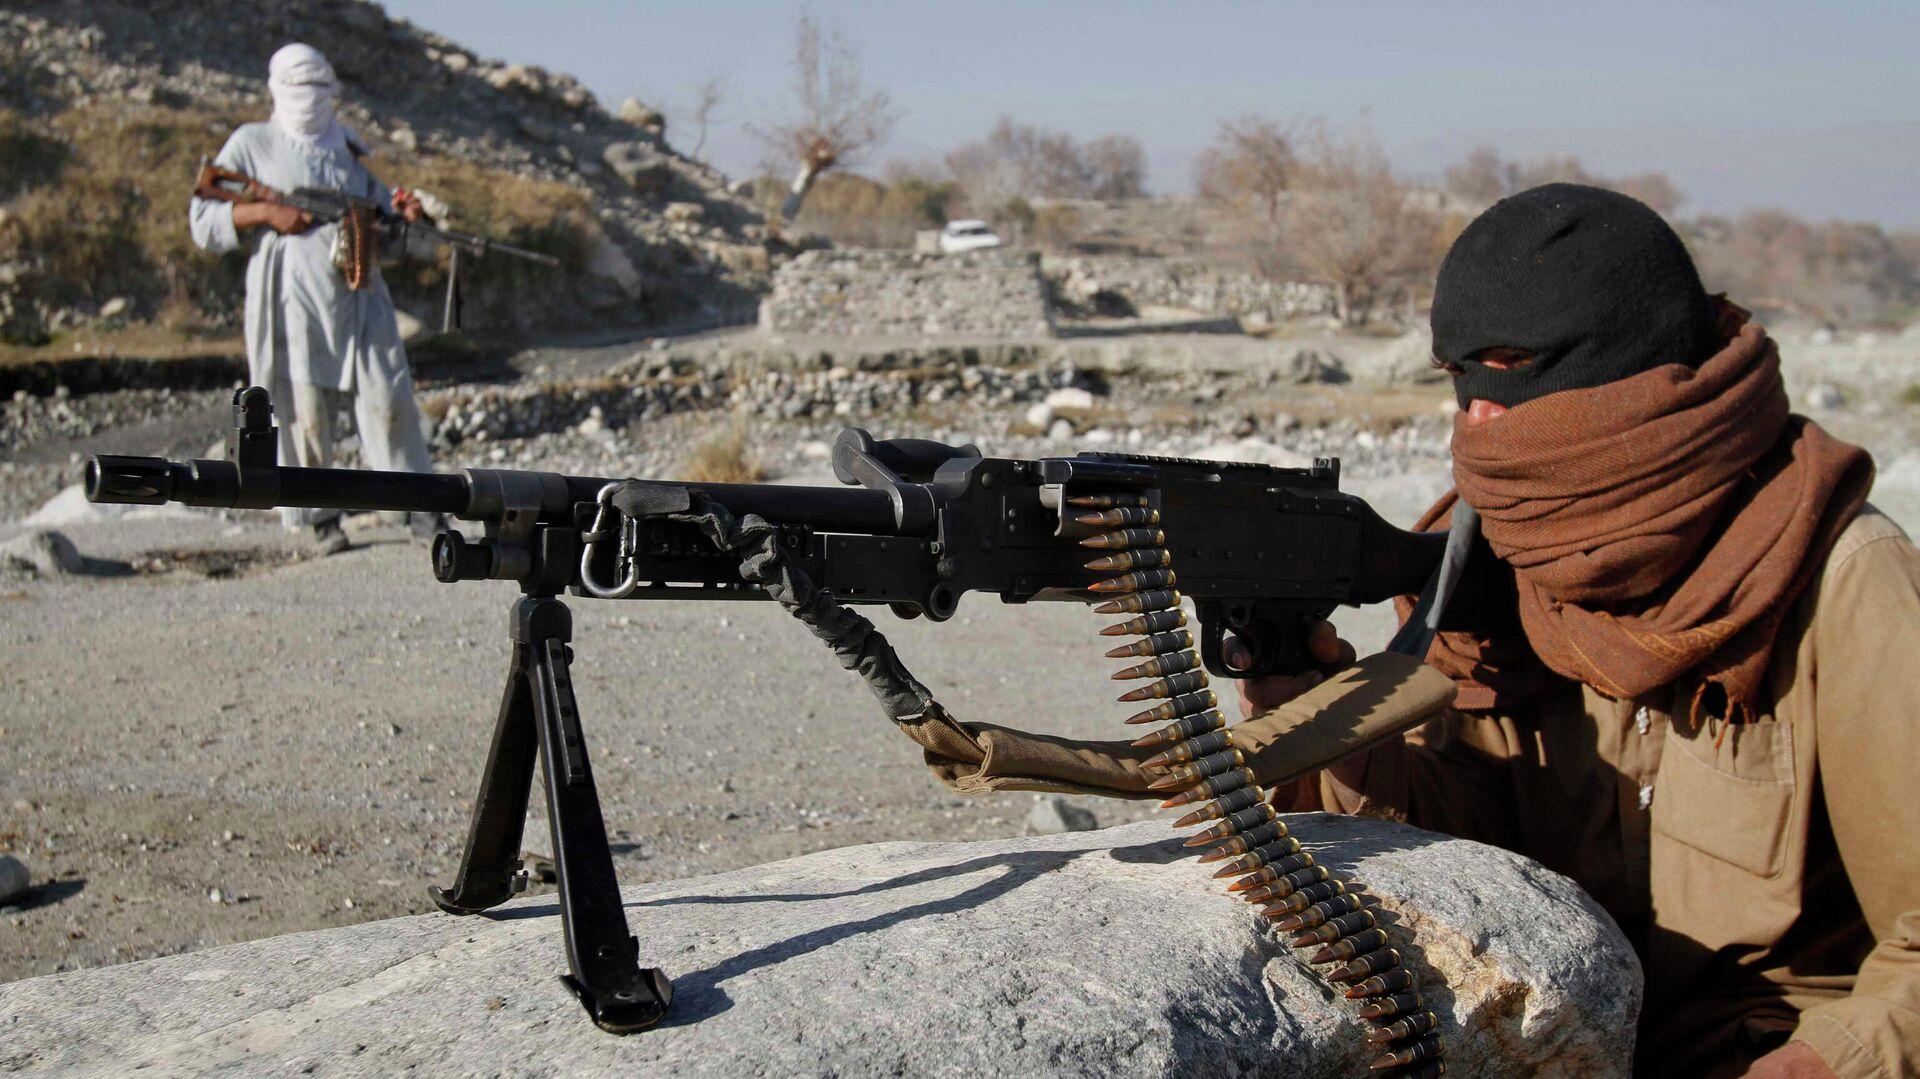 Боевики радикального движения Талибан в Афганистане - РИА Новости, 1920, 18.07.2020